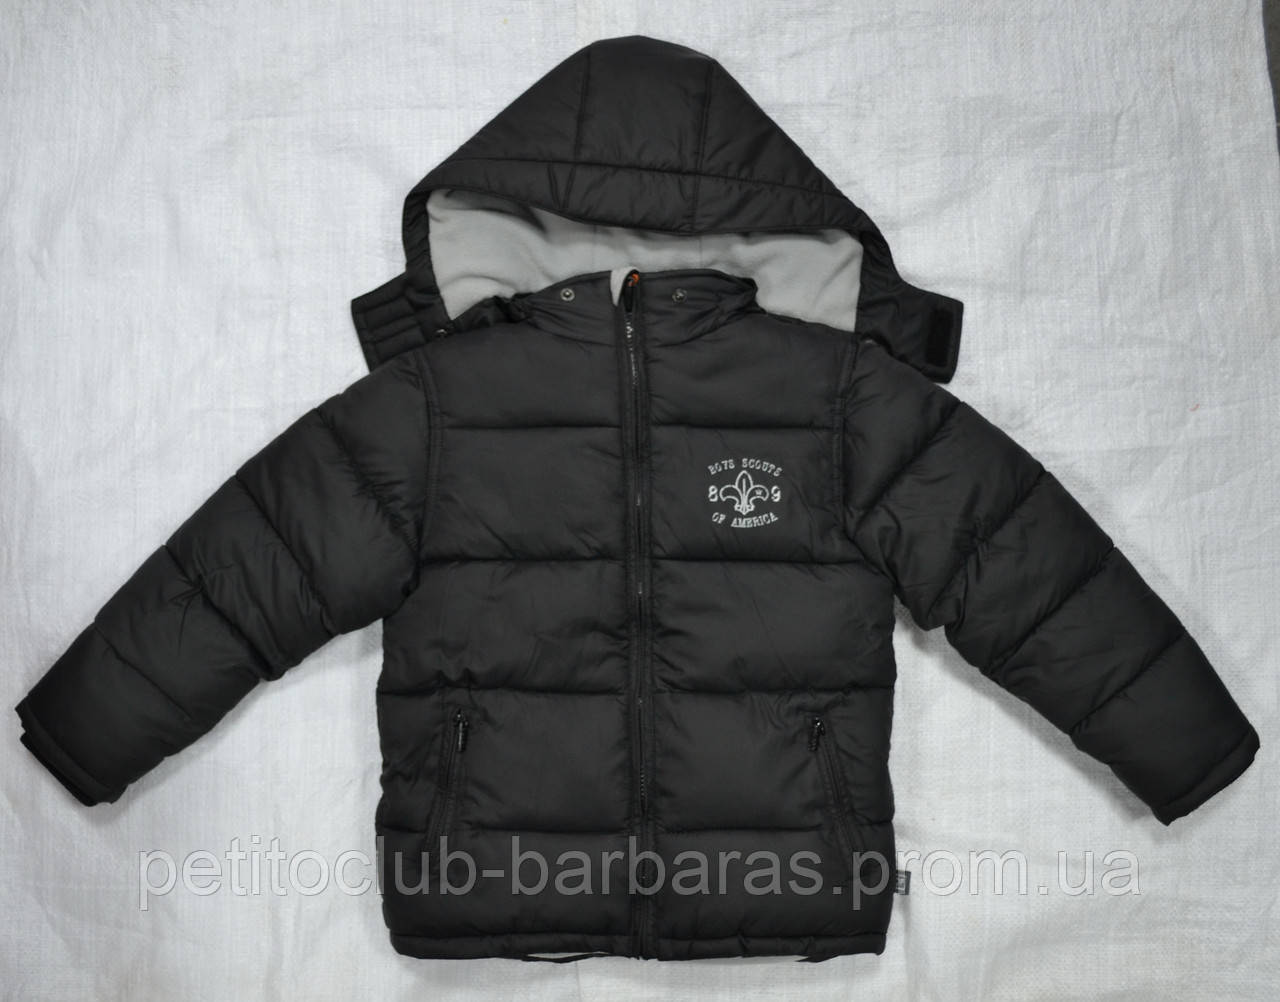 Куртка зимняя Boys Scouts of America для мальчика черная (QuadriFoglio, Польша)